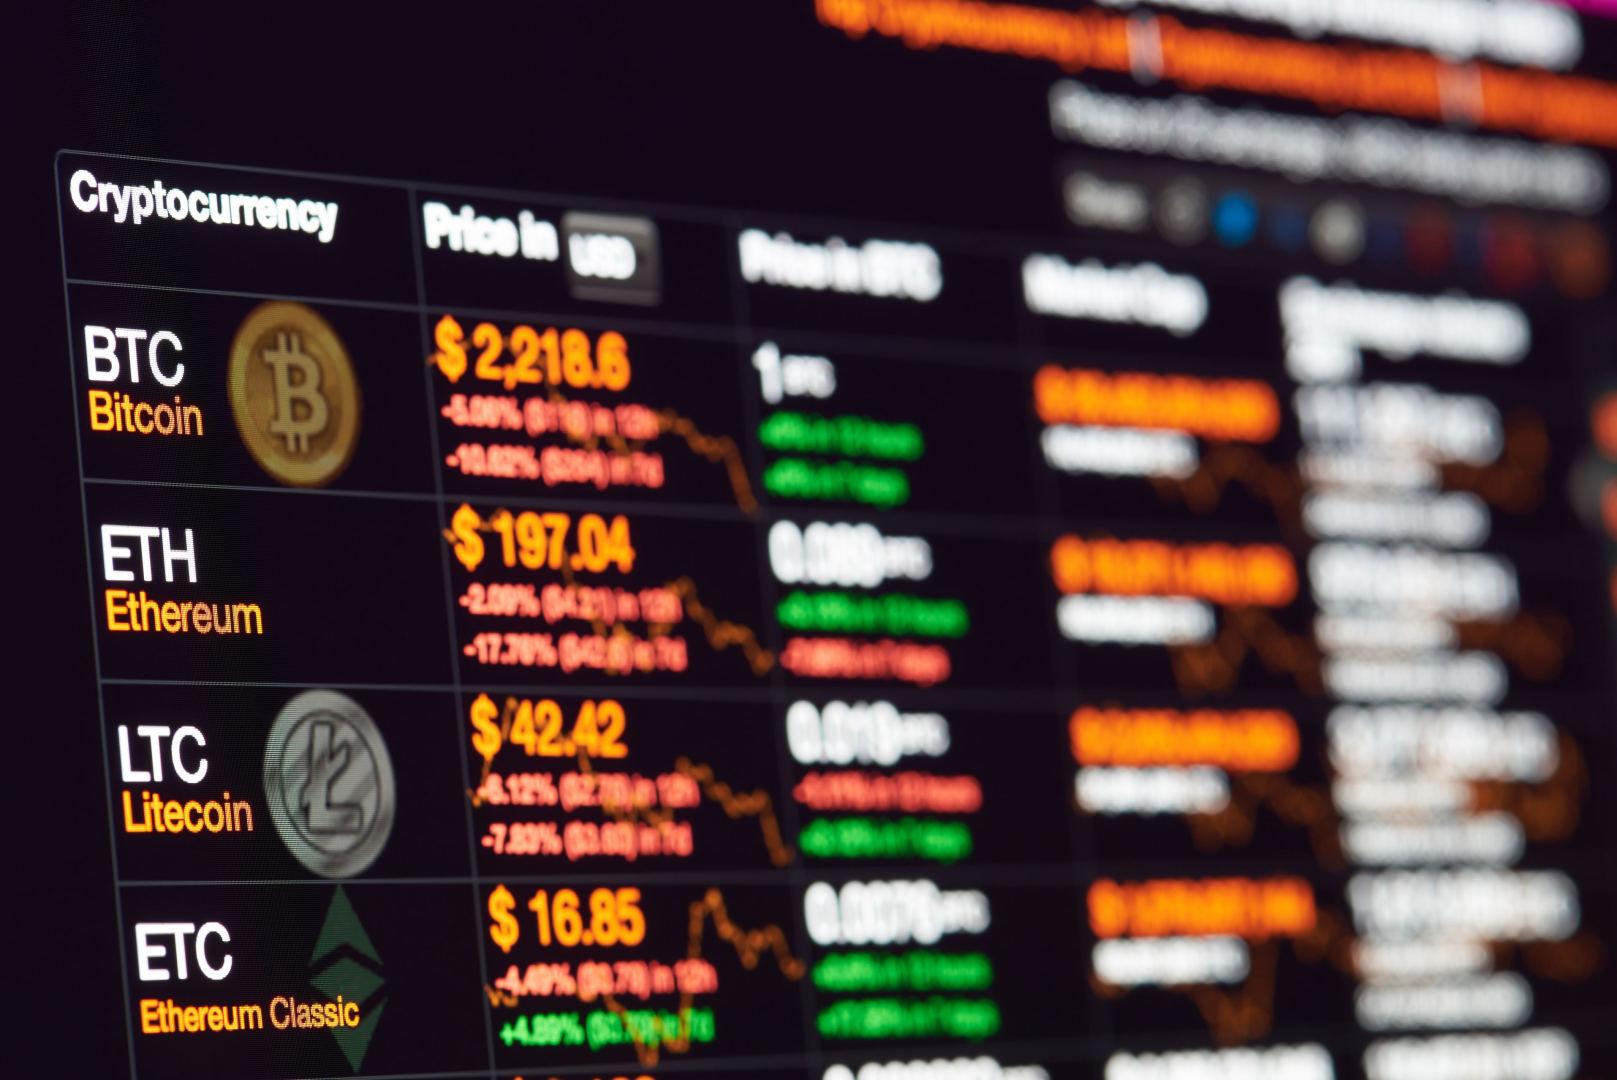 kaip naudoti bitkoiną